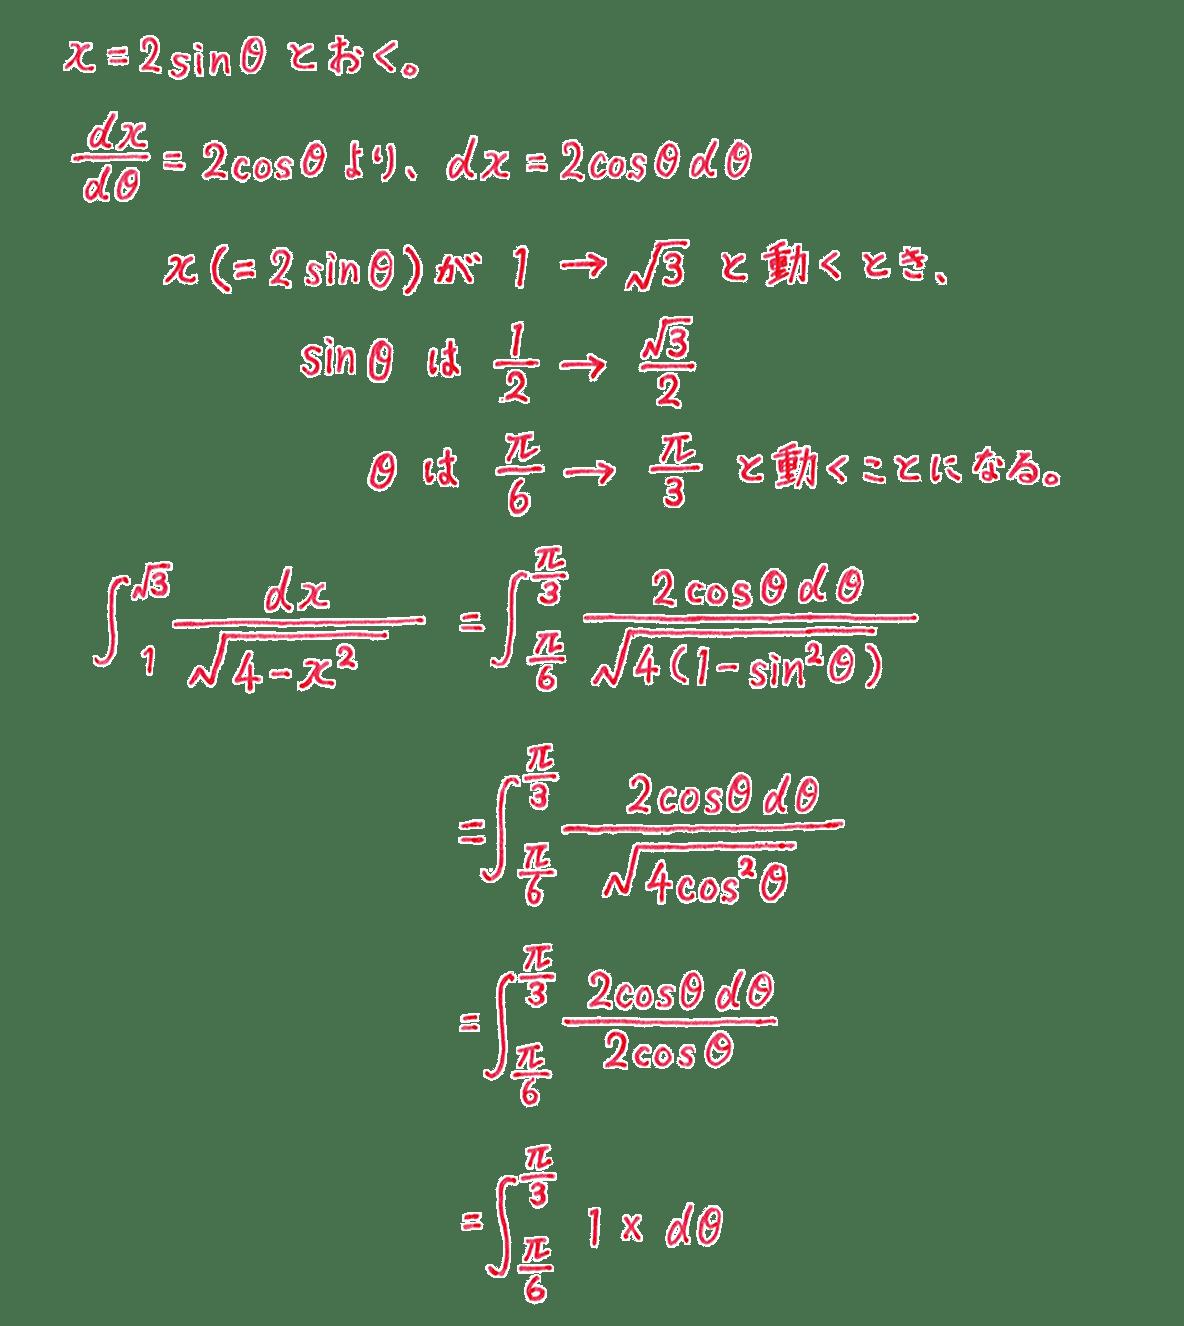 積分法とその応用29 問題 答え1~9行目まで